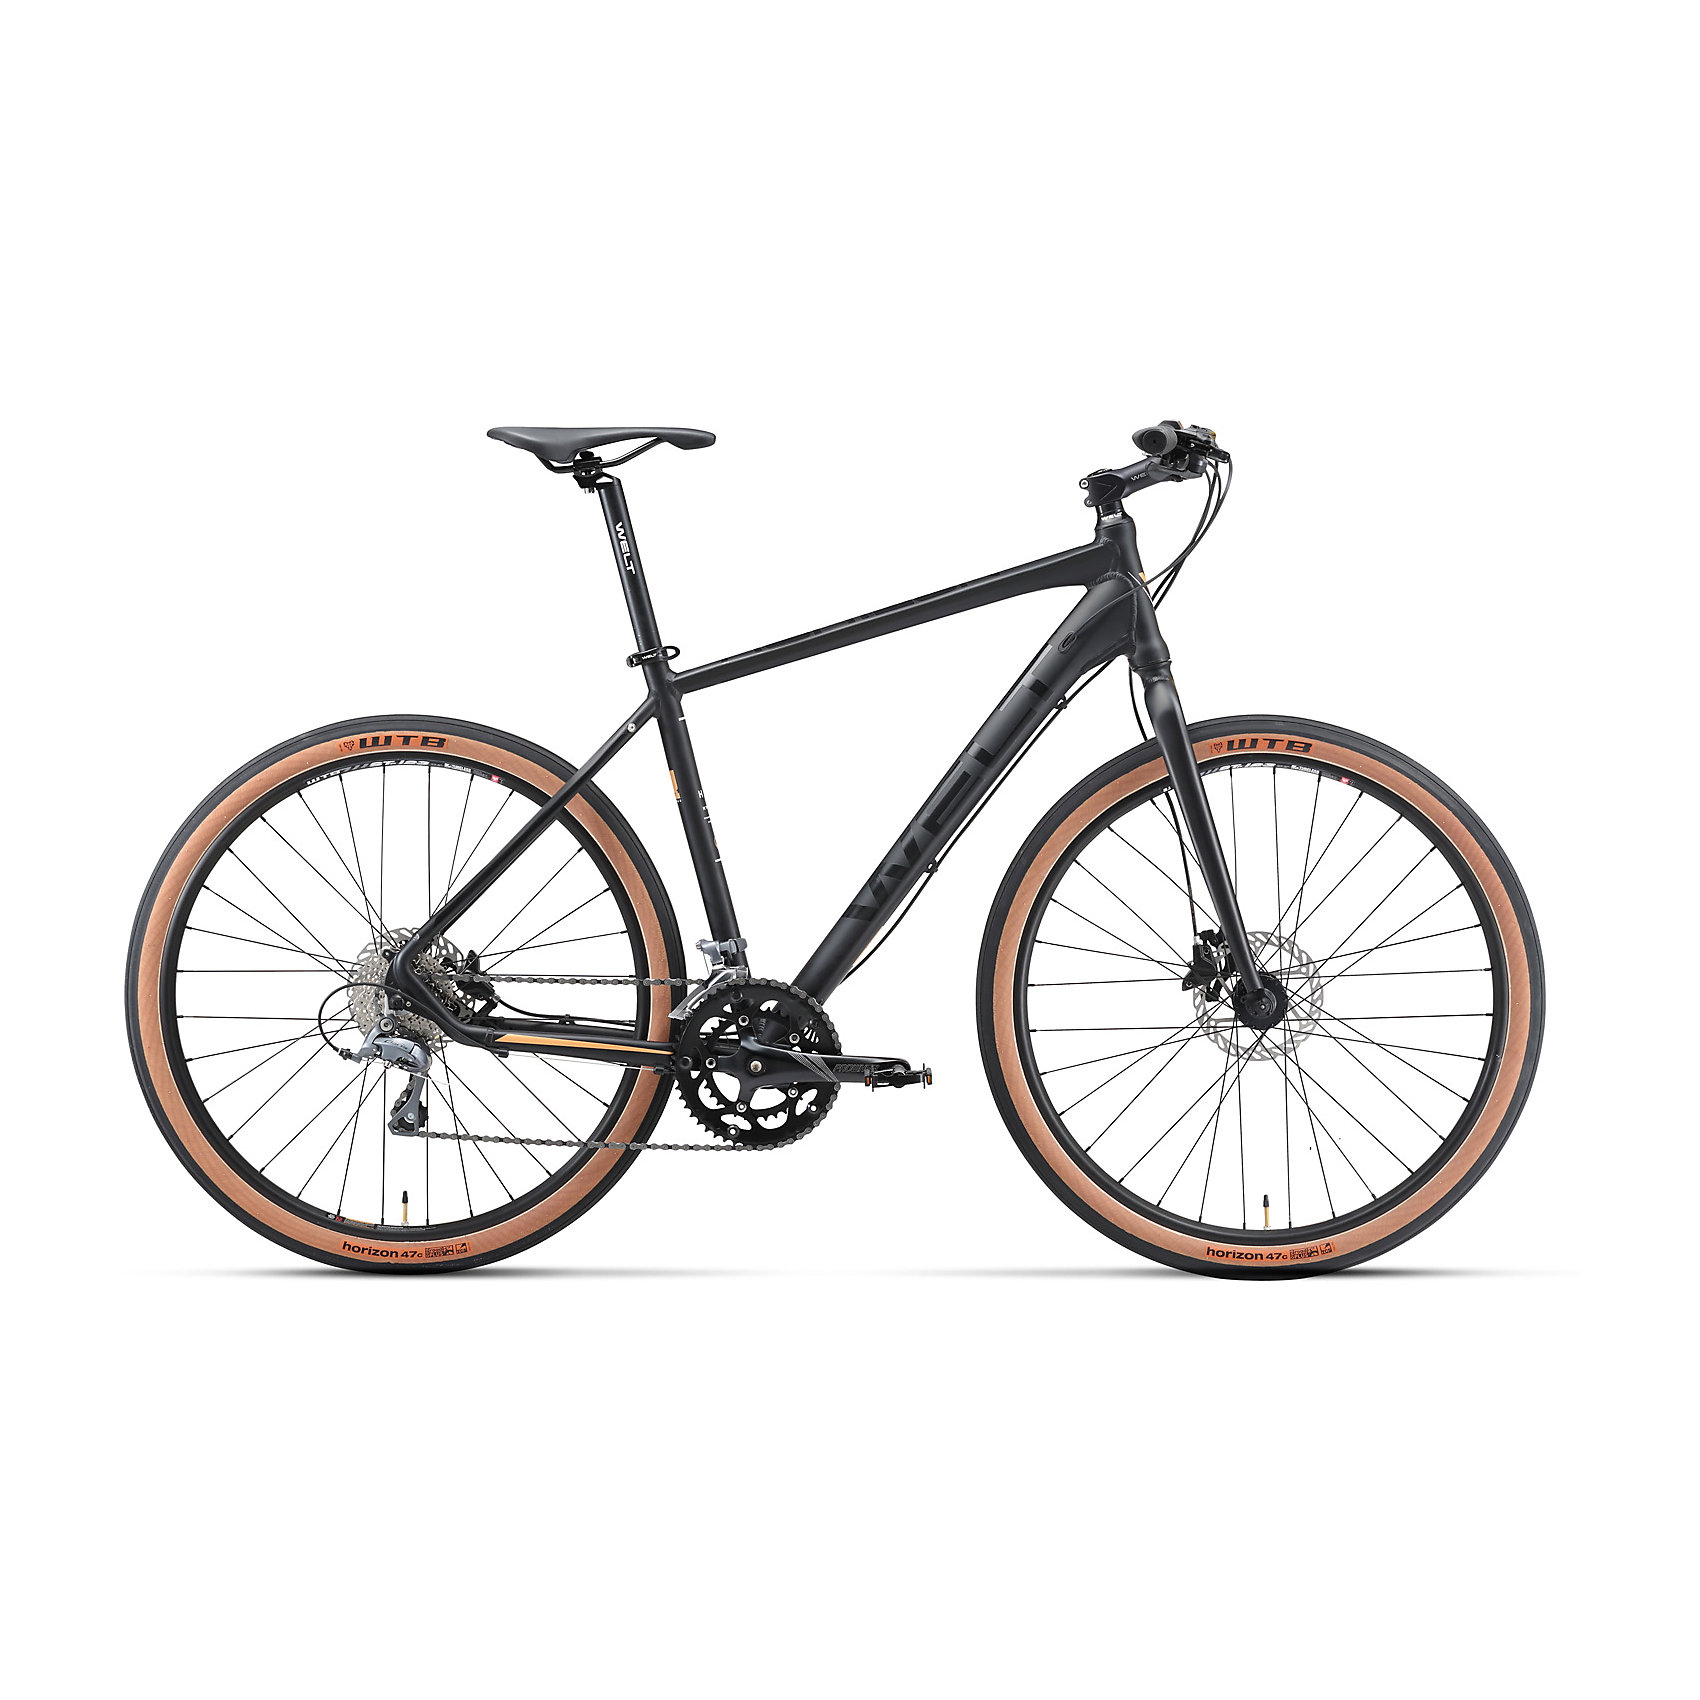 Велосипед  Horizon, черный, WeltВелосипеды детские<br>Характеристики товара:<br><br>• цвет: черный<br>• облегченнаяалюминиевая  рама с <br>• колеса с бескамерными ободами WTB и широкими бескамерными сликами WTB<br>• рама: Alloy 6061 27 Hybrid I<br>• размер рамы: 16,18,20<br>•диаметр колес: 27,5<br>• кол-во скоростей: 16<br>• тип вилки: жесткая<br>• вилка: rigid ES27 alloy, threadless, disc mount<br>• переключатель задний : Shimano Claris<br>• переключатель передний: Shimano Claris<br>• шифтеры: Shimano Claris 2x8<br>• тип тормозов: дисковые гидравлические<br>• тормоза: Shimano M-315<br>• система:  Prowheel Ounce-512C 50/34T <br>• кассета: Shimano HG 50-8 11-30T<br>• тип рулевой колонки:  semi-integrated 1-1/8*44<br>• покрышки: WTB Horizon 650B x 47C<br><br>Гибрид горного велосипеда и ситибайка 50/50 на колесах 27,5 дюймов для универсальности использования на технологичной и облегченной алюминиевой раме.<br><br>Оборудован жесткой алюминиевой вилкой, гидравлическими тормозами Shimano, 16 скоростной трансмиссией Shimano Claгis, колесами с бескамерными ободом WTB и широкими бескамерными сликами WTB. <br><br>Велосипед  Horizon, черный, Welt можно купить в нашем интернет-магазине.<br><br>Ширина мм: 1450<br>Глубина мм: 200<br>Высота мм: 800<br>Вес г: 16500<br>Возраст от месяцев: 168<br>Возраст до месяцев: 2147483647<br>Пол: Унисекс<br>Возраст: Детский<br>SKU: 5569431